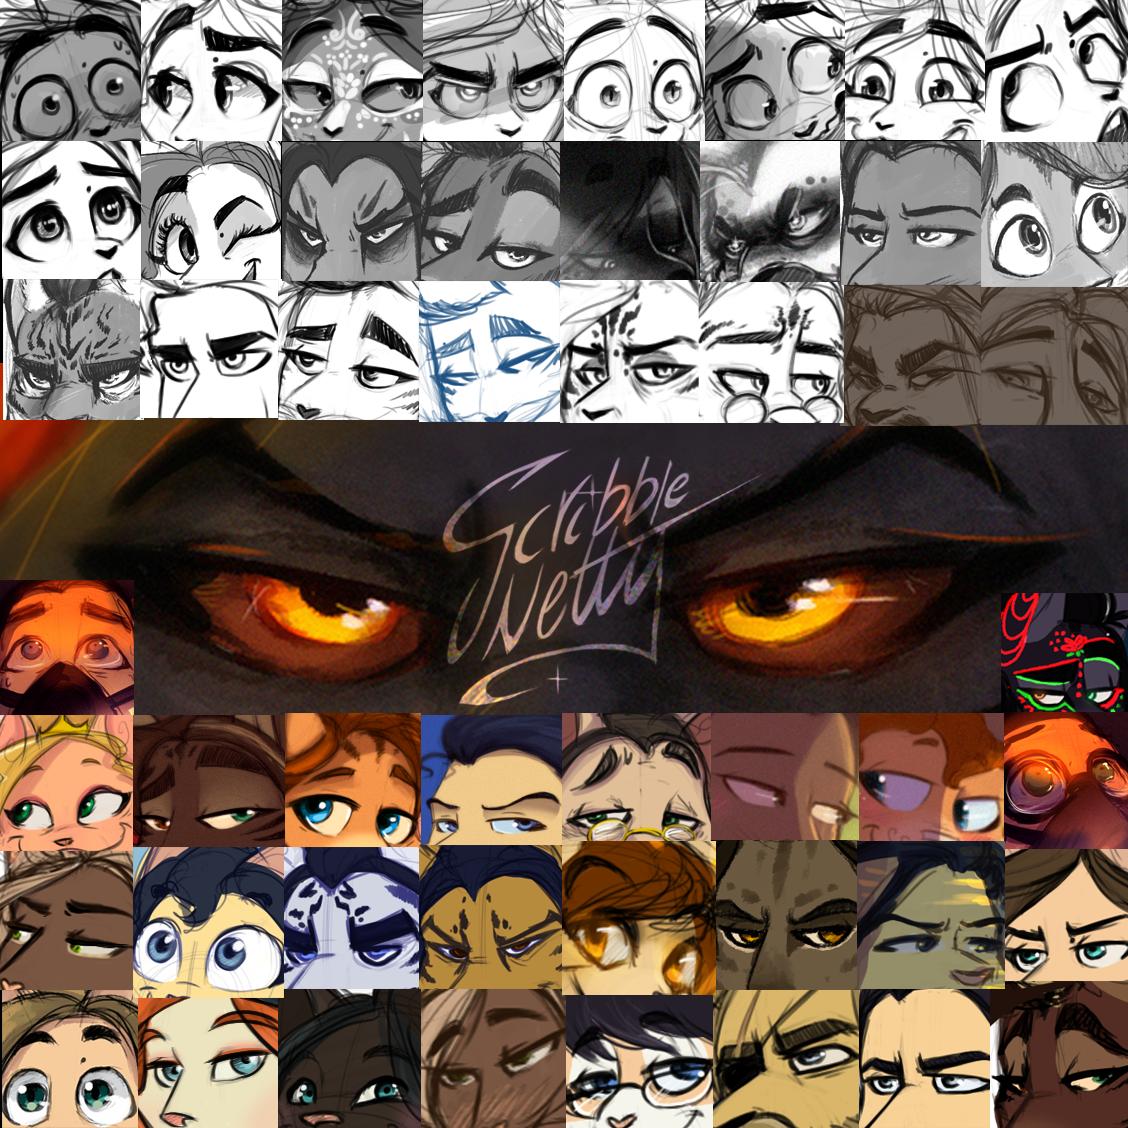 ScribbleNetty - #eyememe by ScribbleNetty